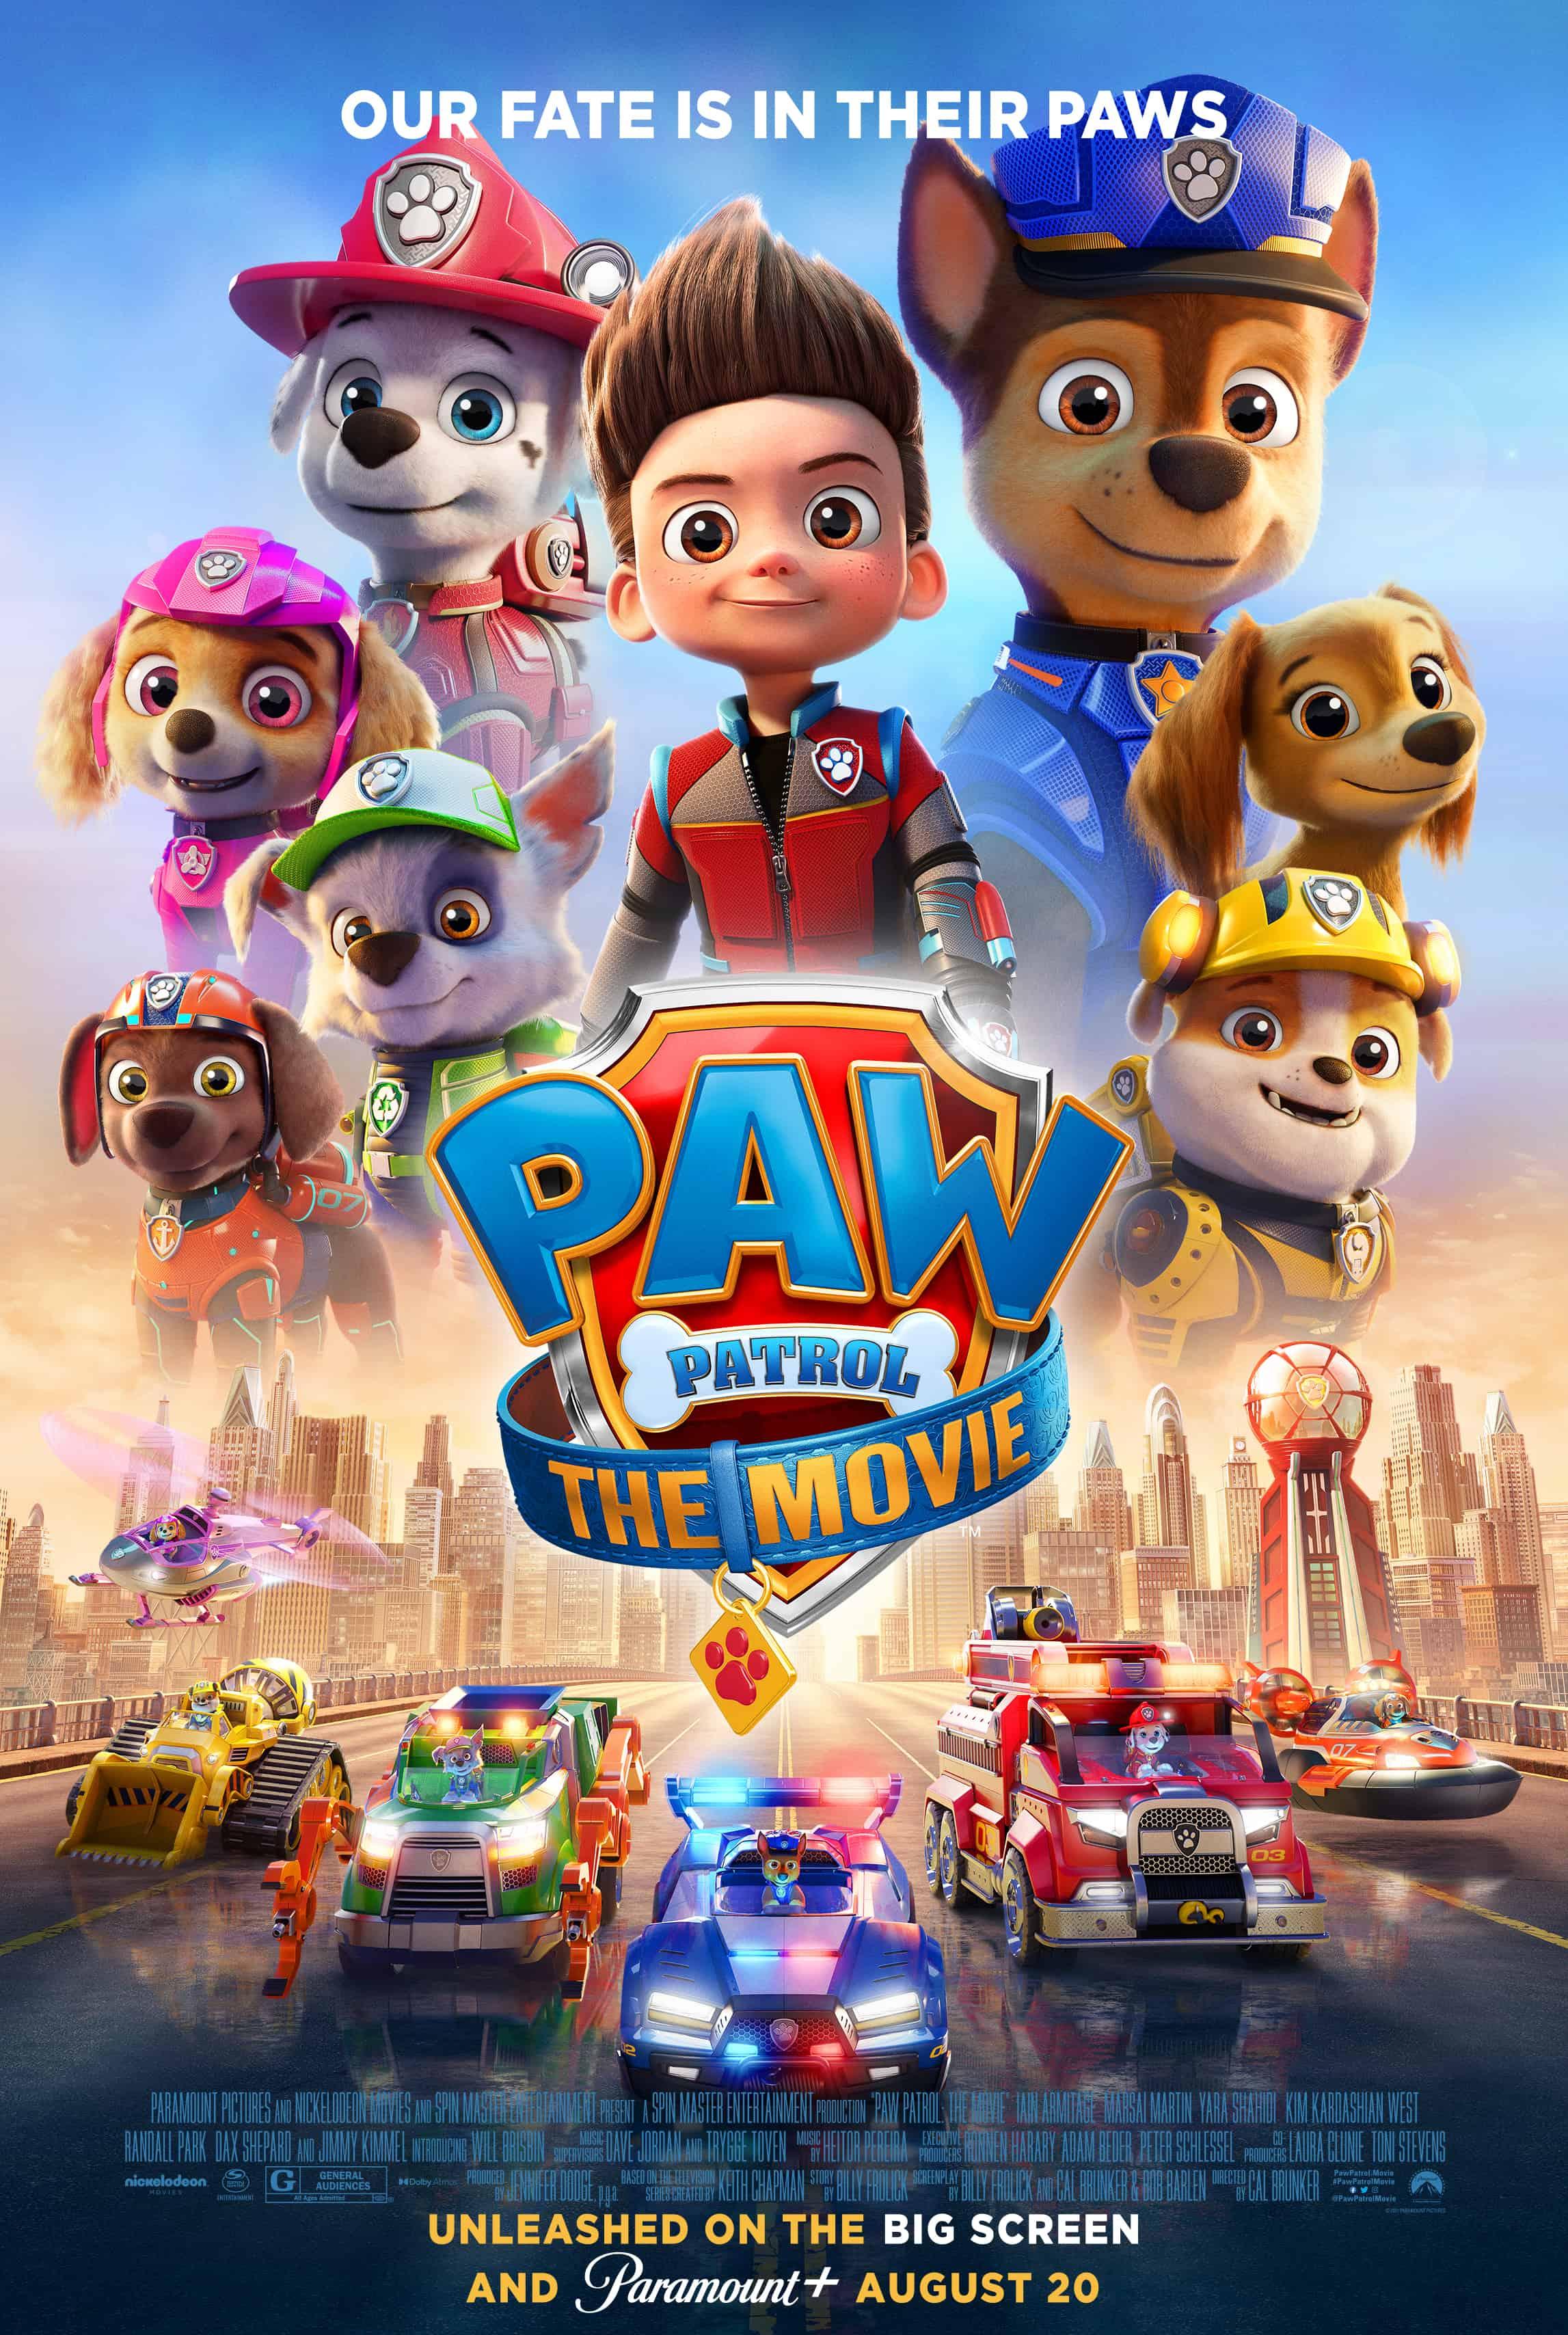 Paw Patrol Movie Review